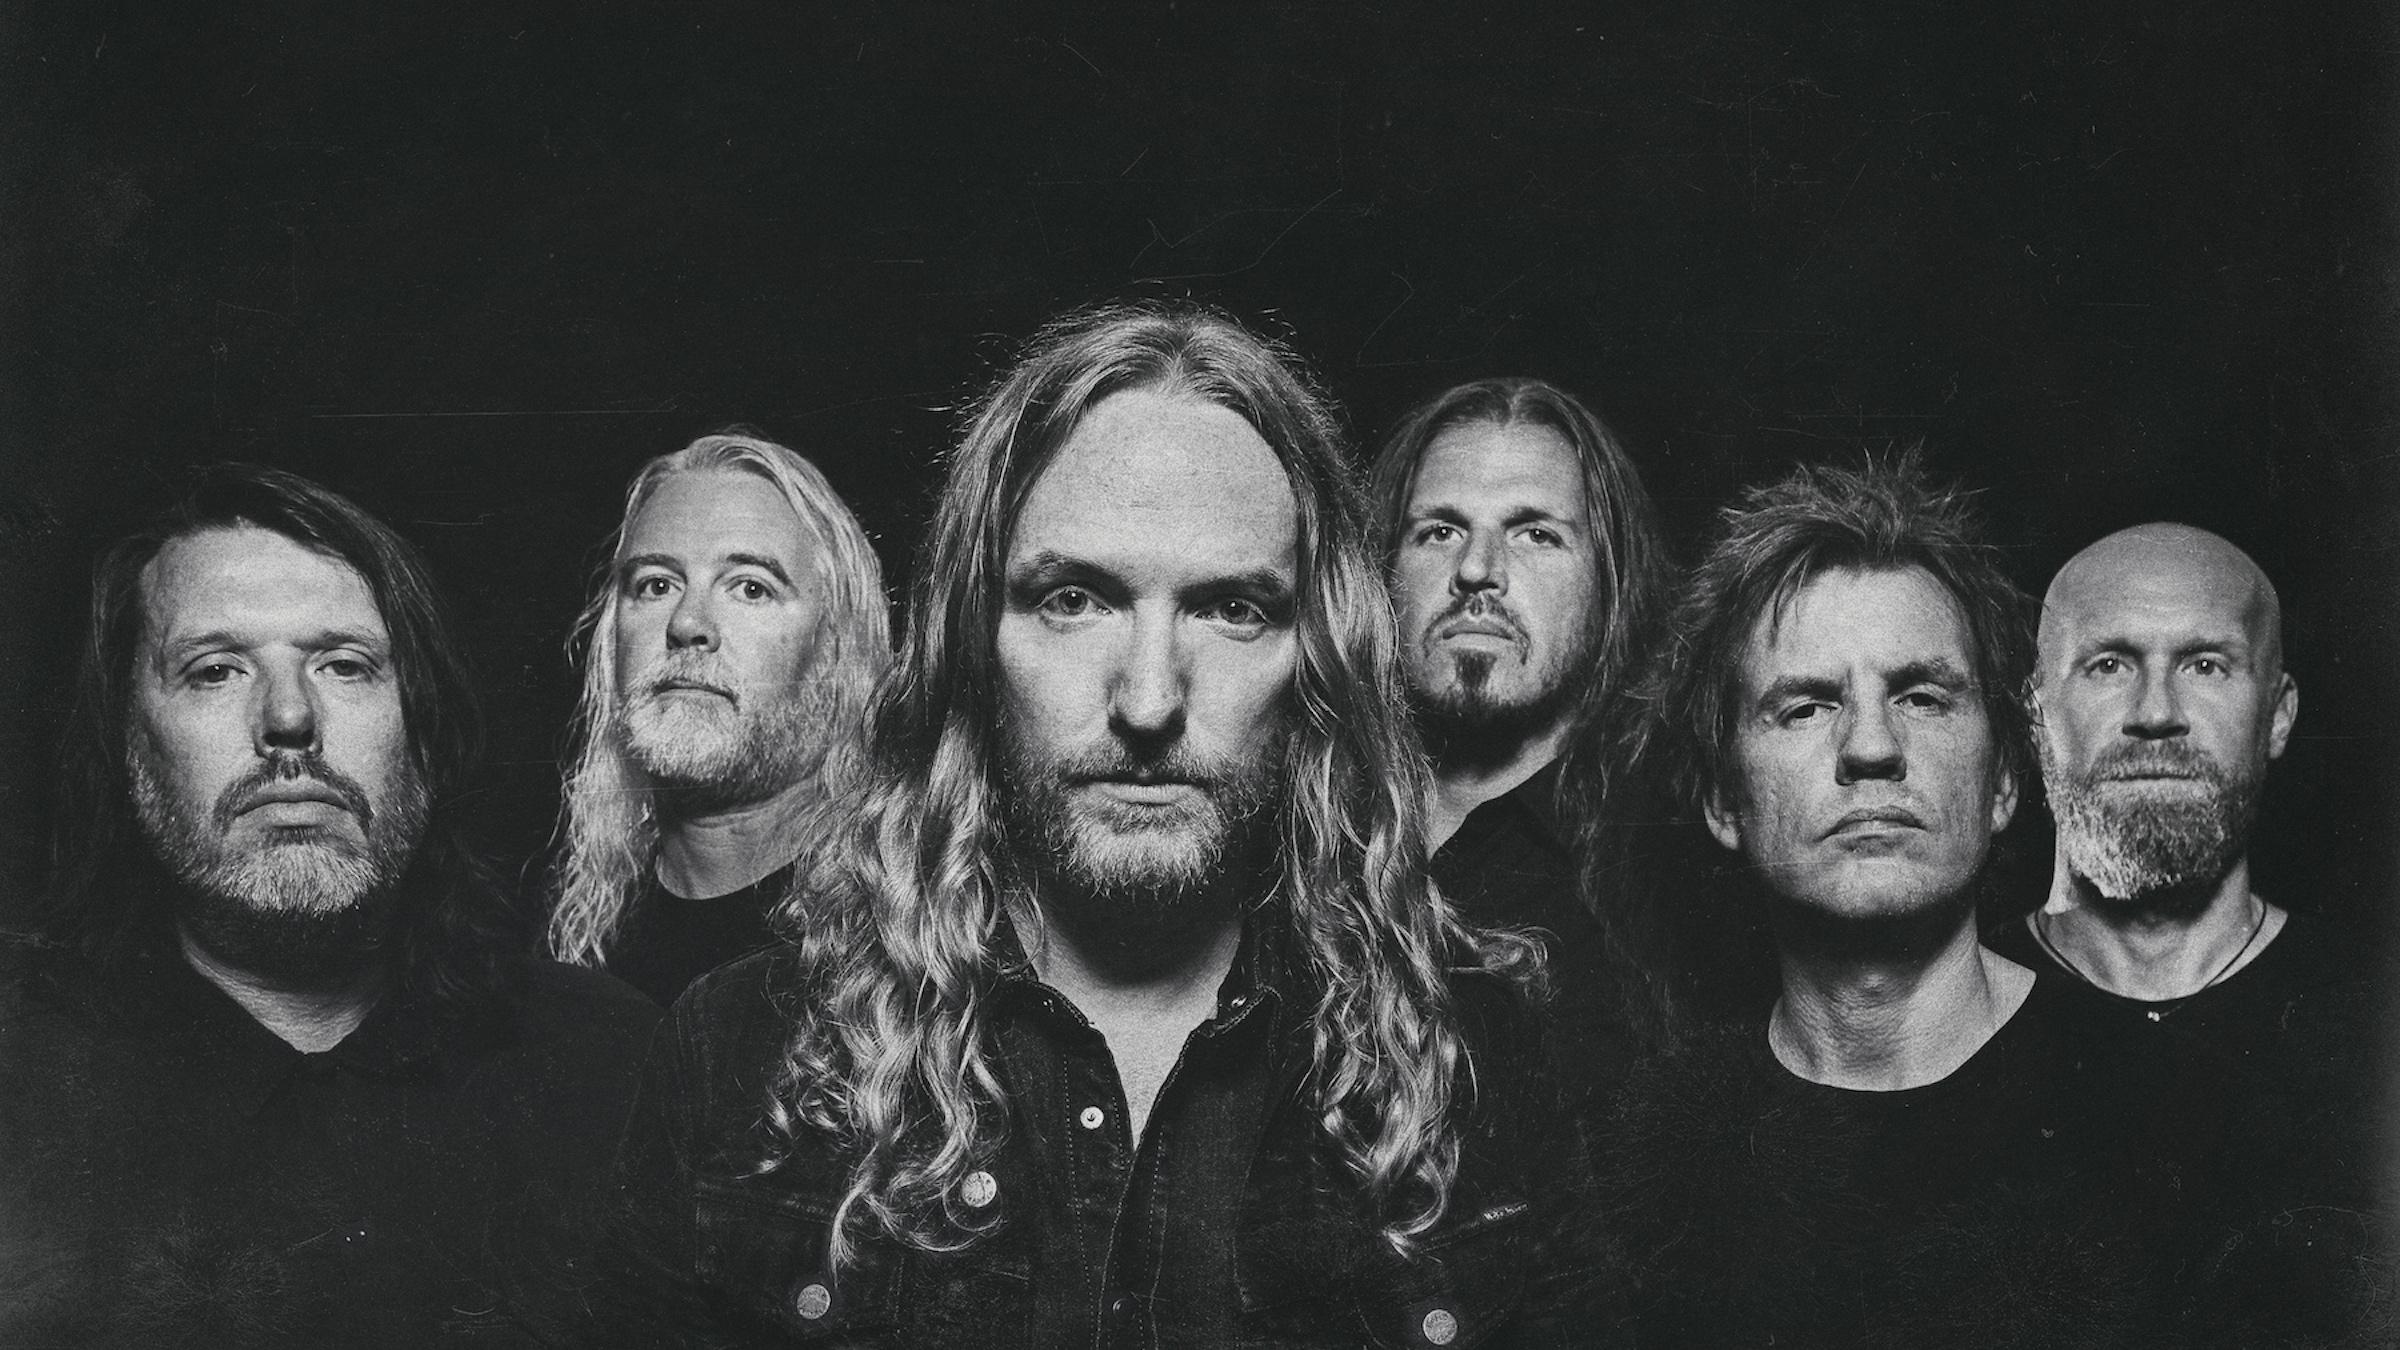 Οι DARK TRANQUILLITY κέρδισαν το Σουηδικό Grammy στην κατηγορία «Καλύτερο Hard Rock / Metal Άλμπουμ»!